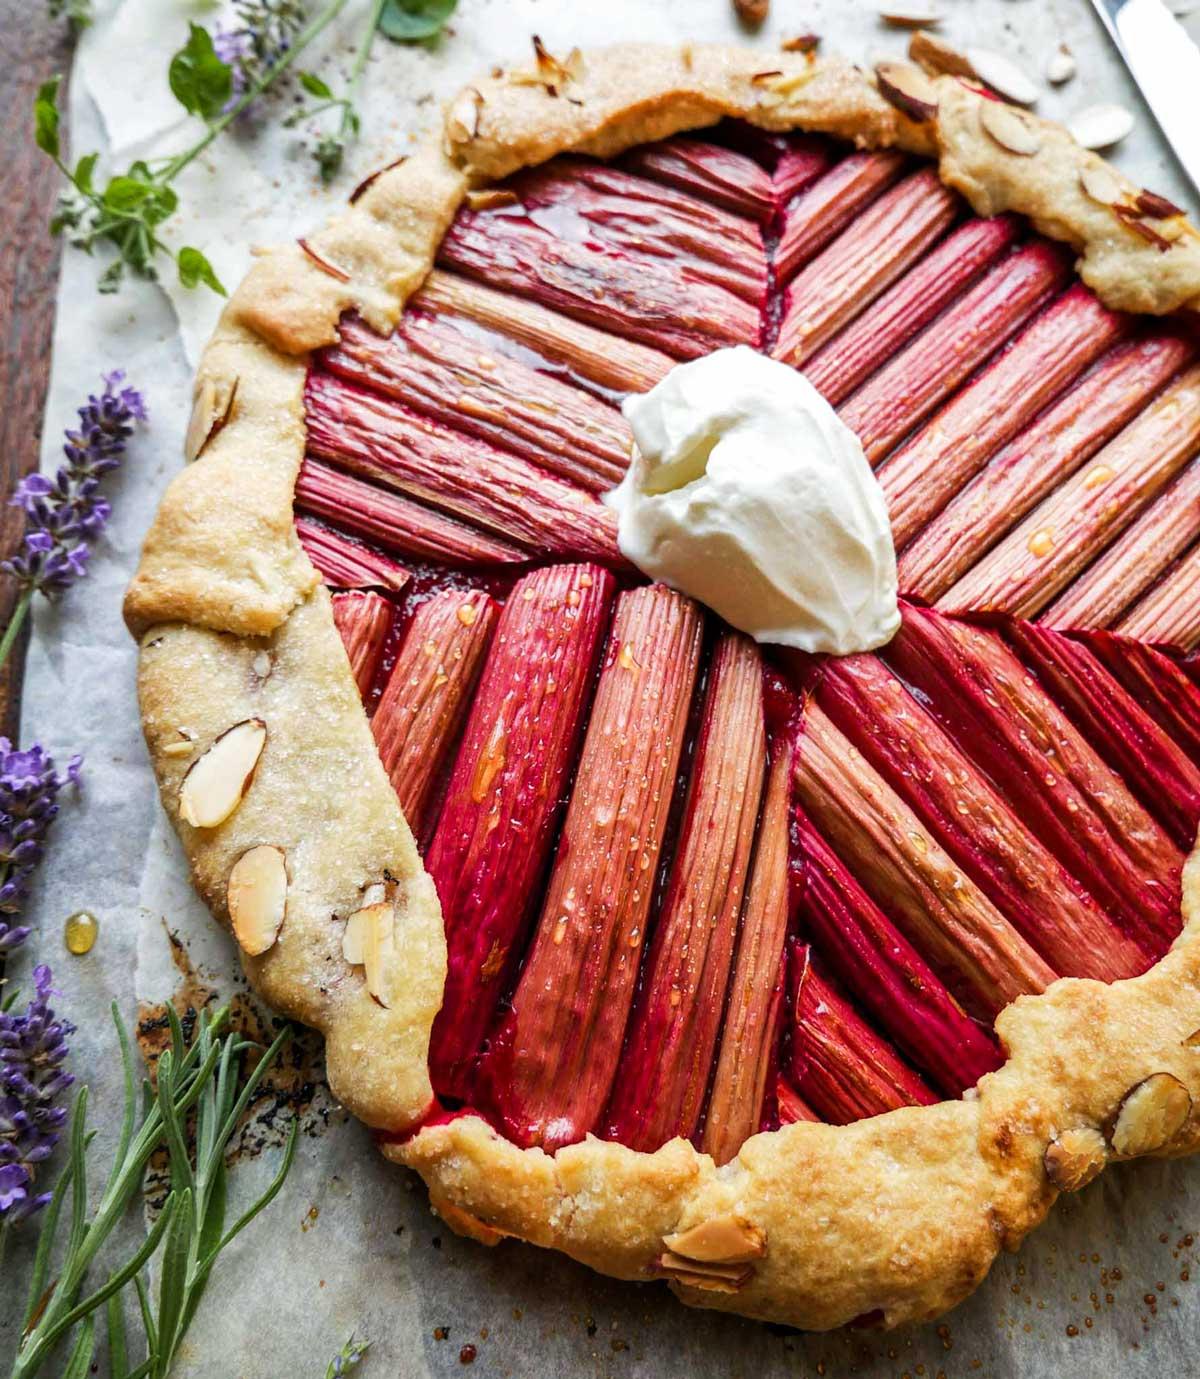 vegansk rabarbertærte med rabarber og vaniljeis eller creme fraiche